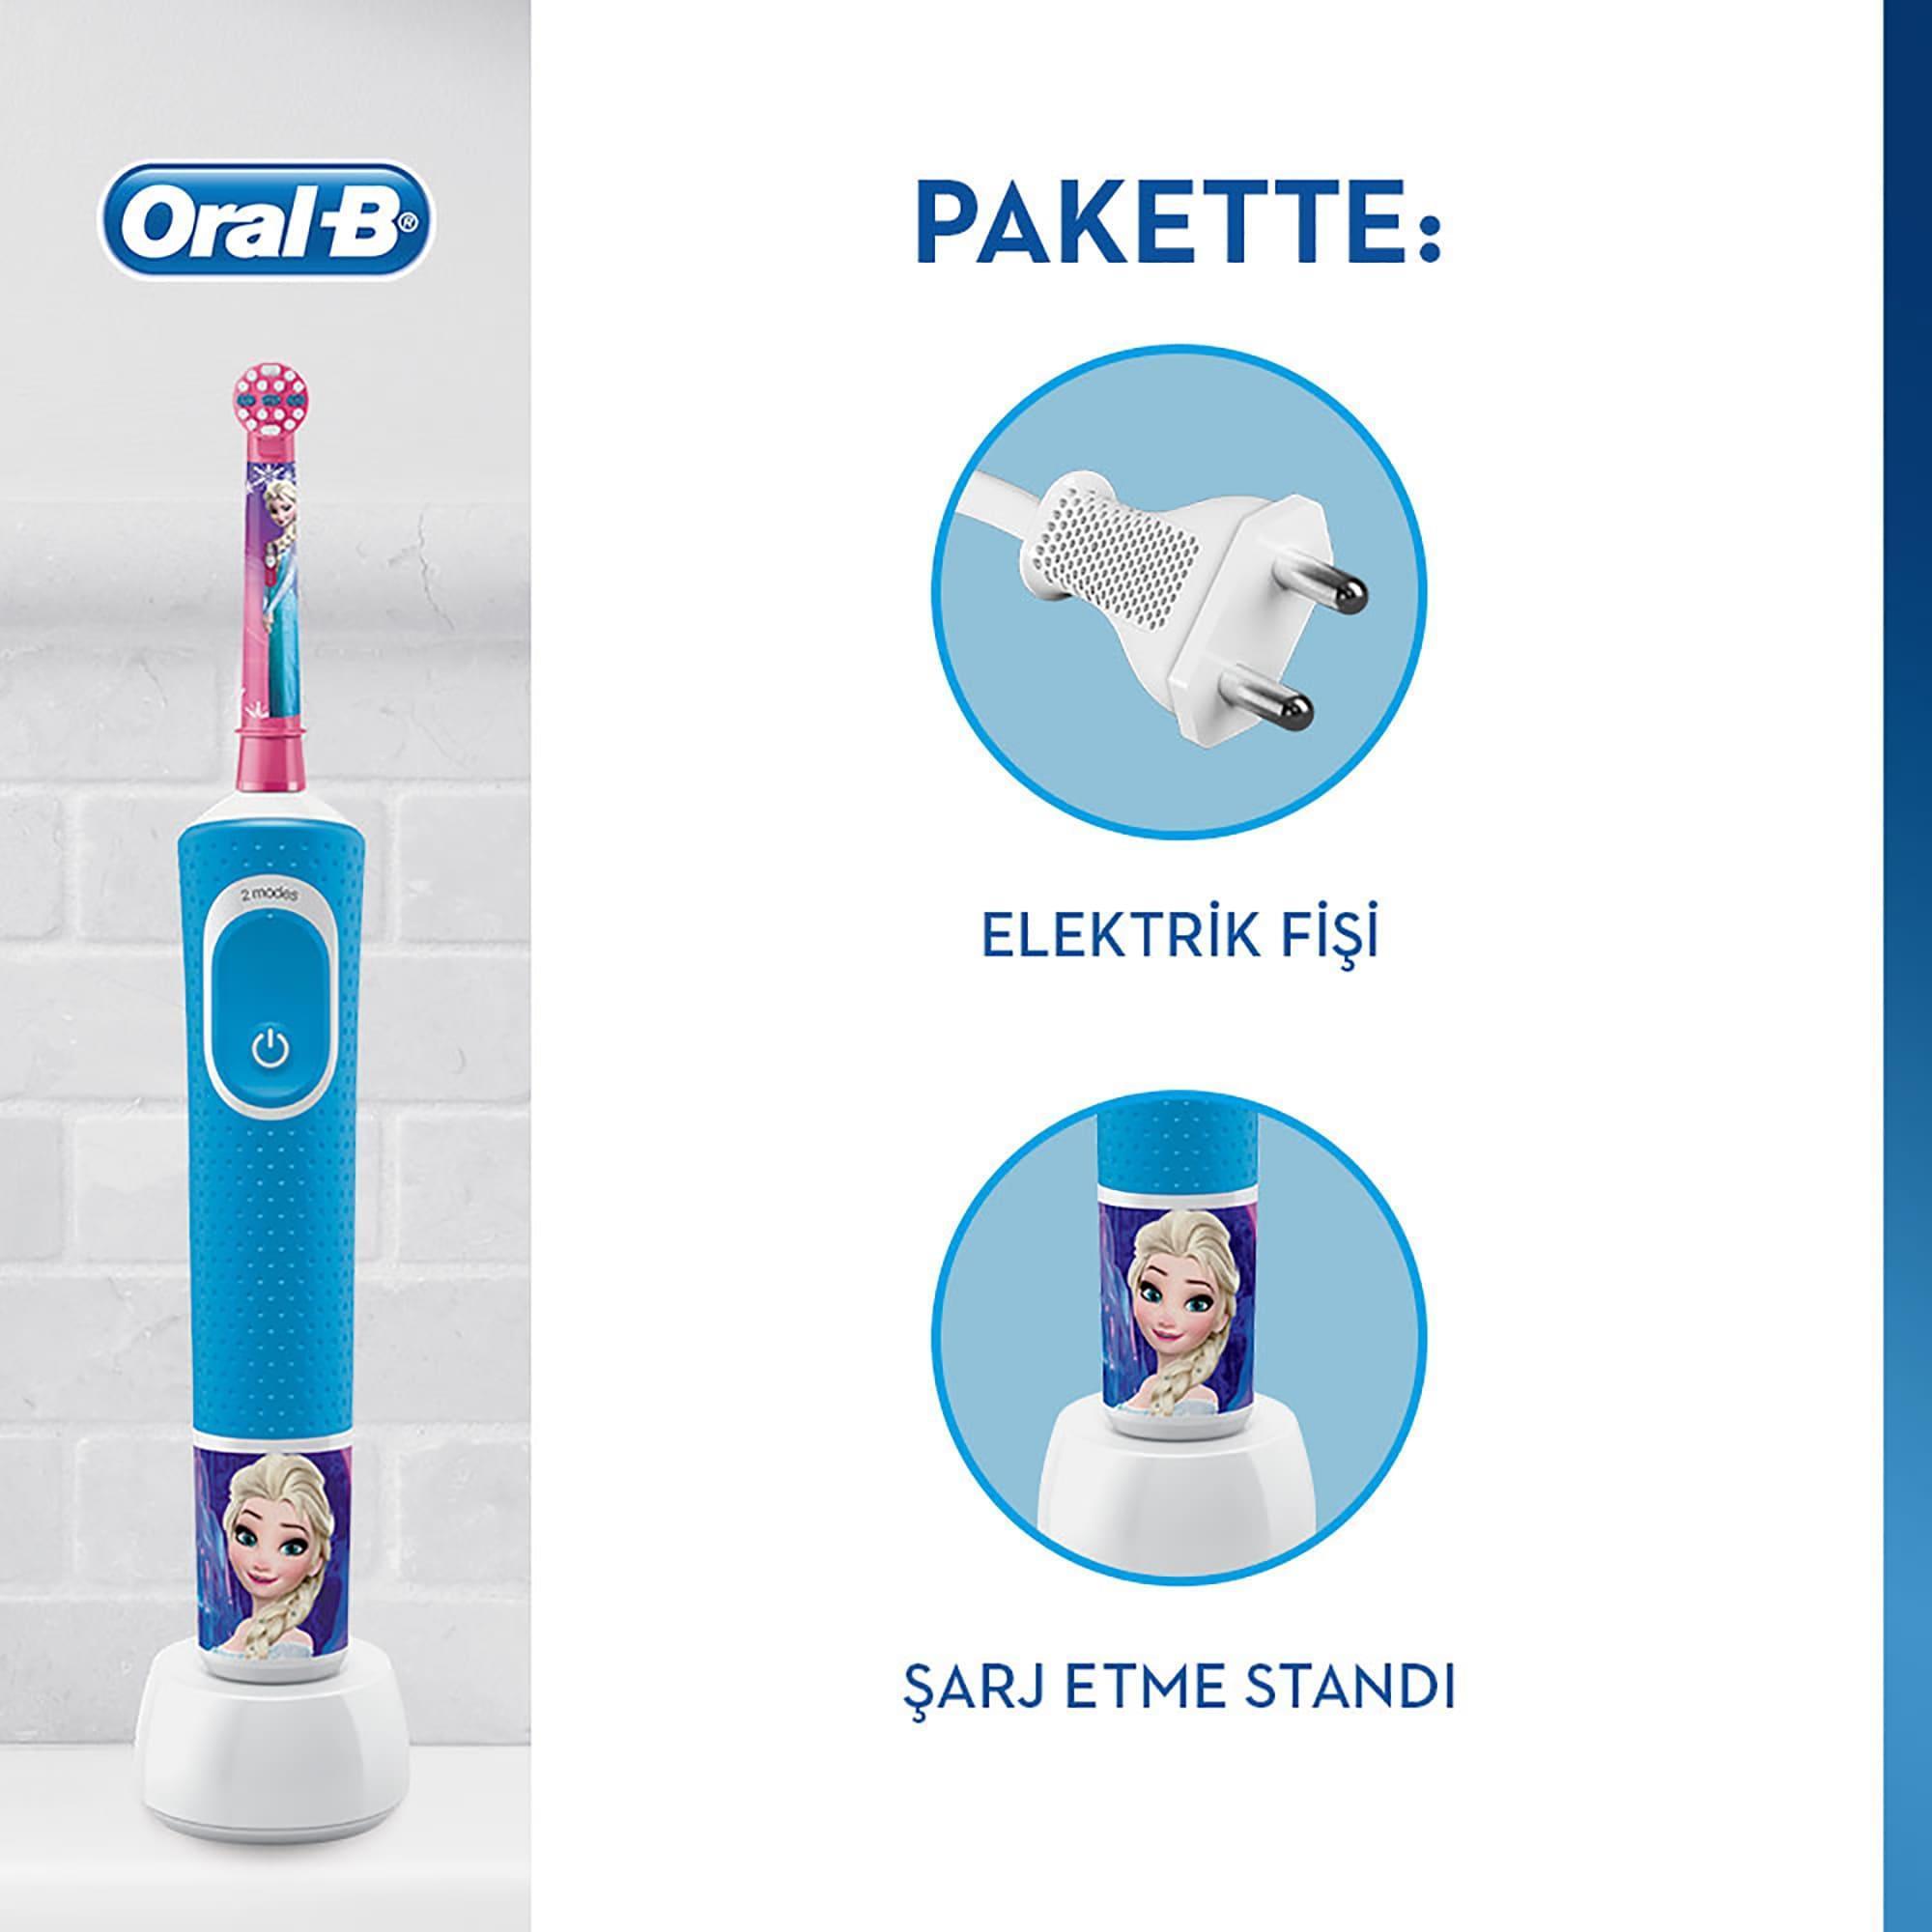 Oral-B D100 Vitality Frozen Özel Seri Çocuklar İçin Şarj Edilebilir Diş Fırçası - Thumbnail